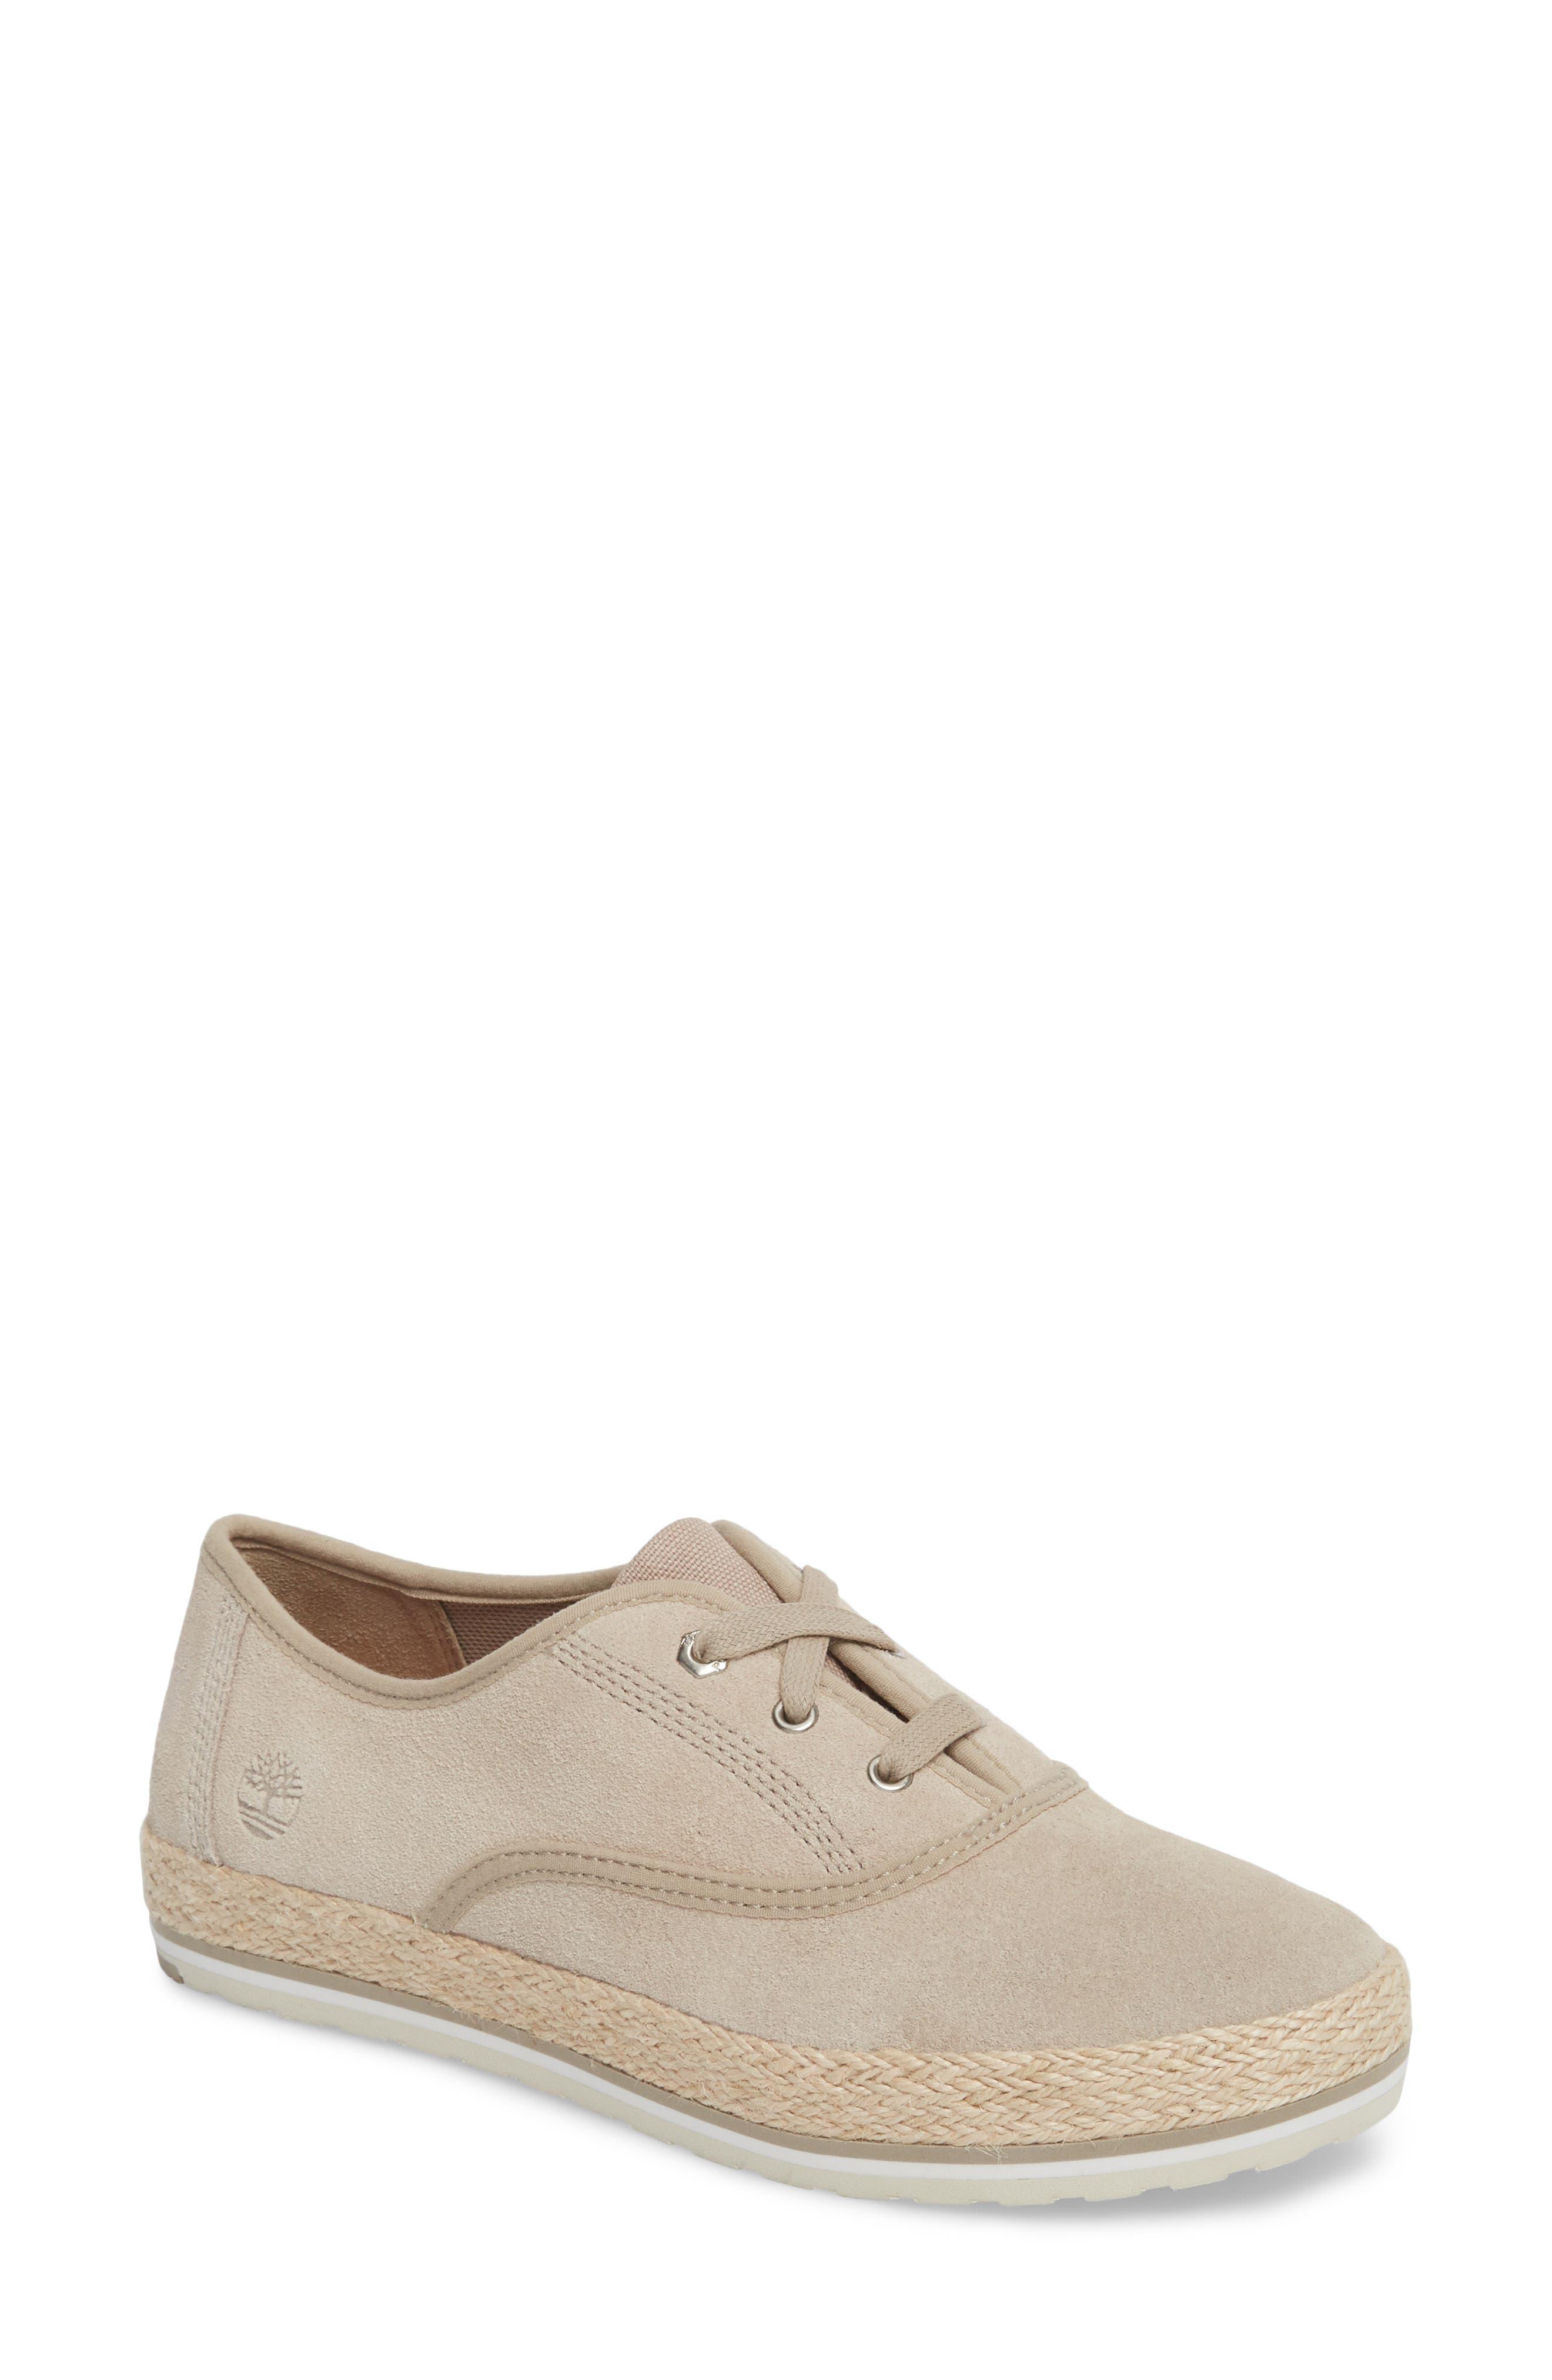 Eivissa Sea Oxford Sneaker, Main, color, 270